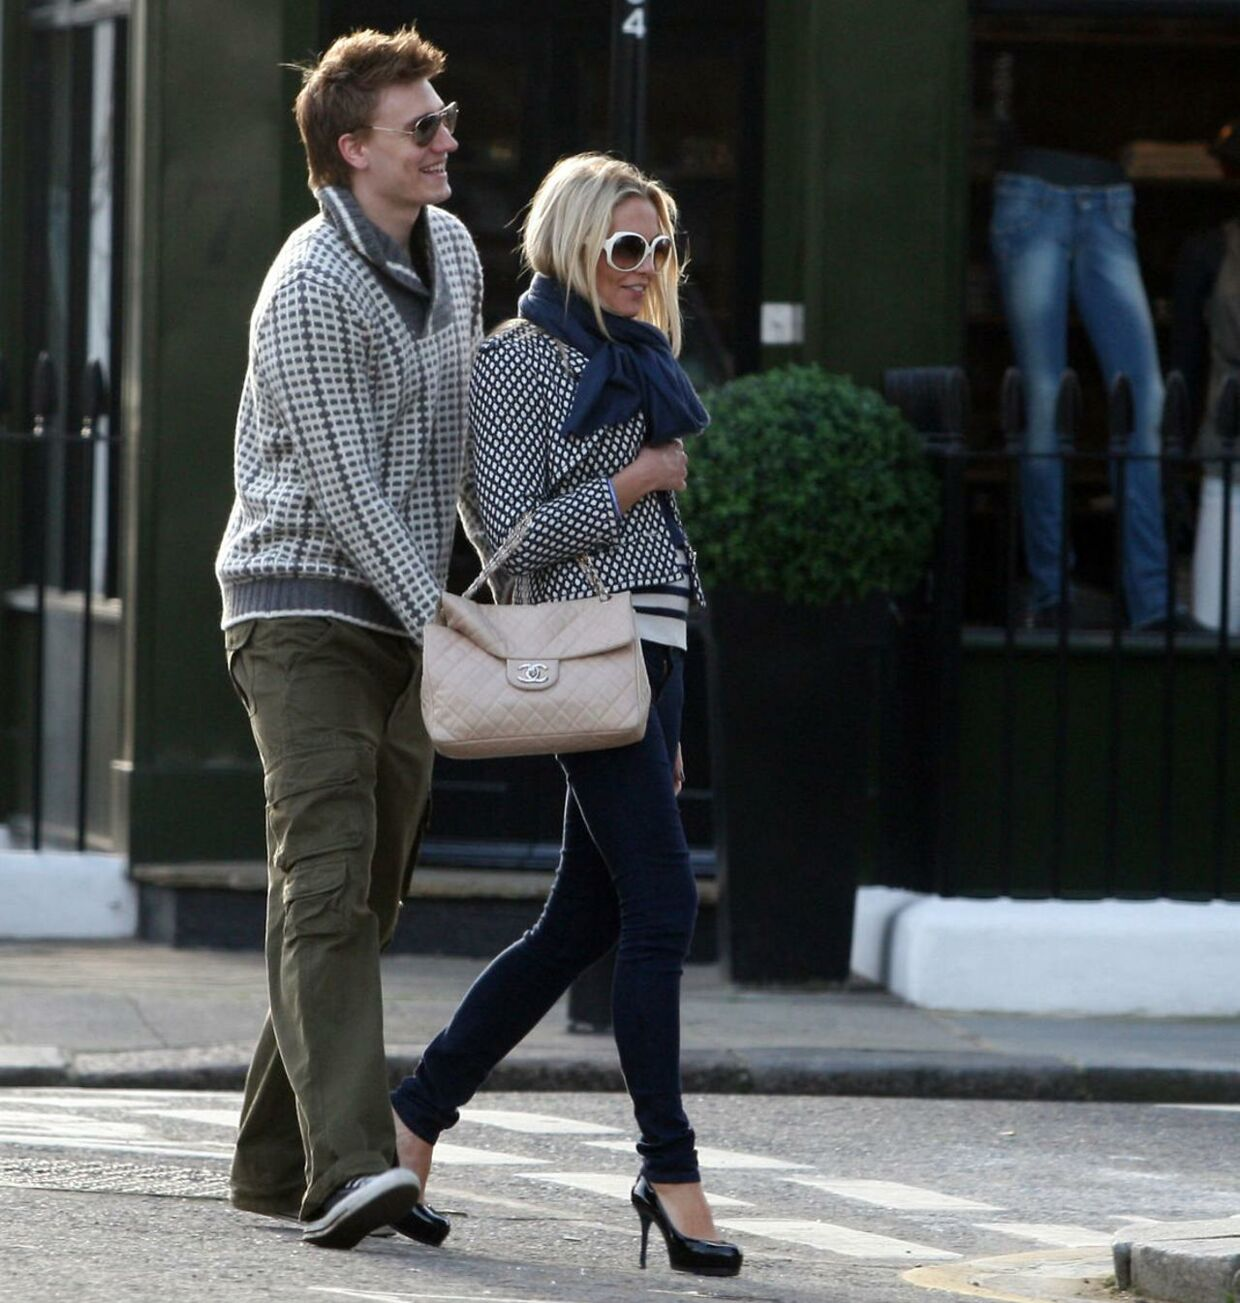 Nicklas Bendtner sammen med sin daværende kæreste Caroline Fleming i 2010, da han var 22 år gammel.